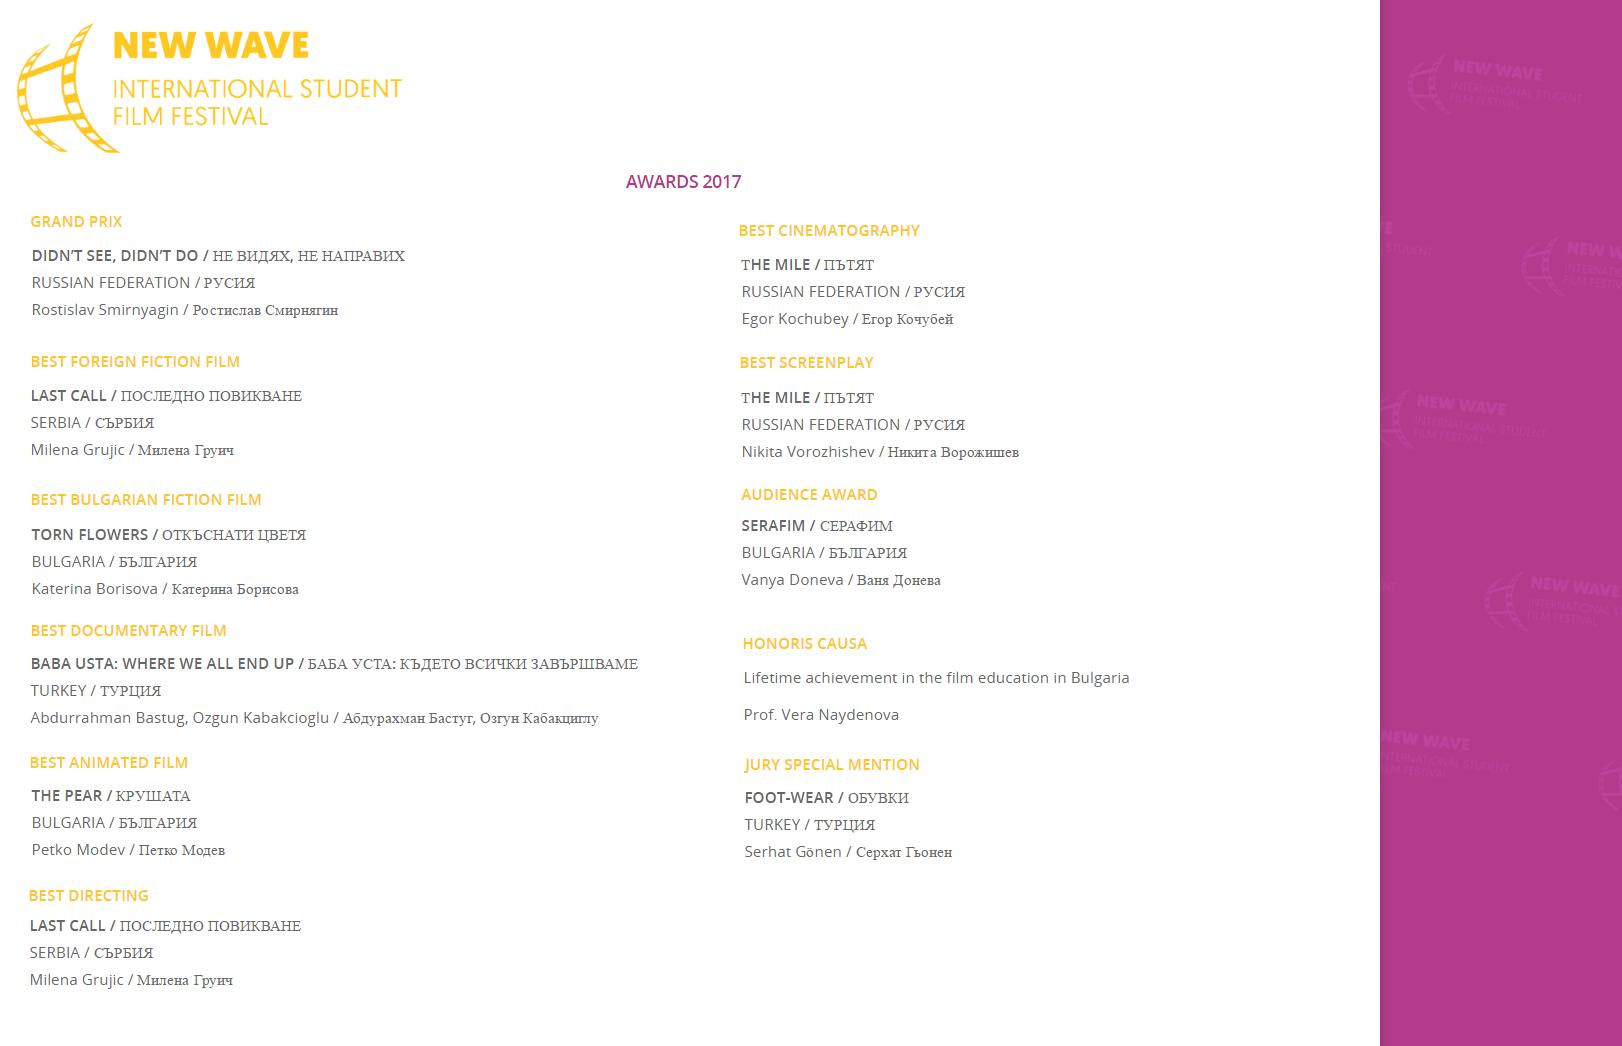 """International Student Film Festival """"NEW WAVE""""  """"Лучший сценарий"""" - Никита Ворожищев (The Mile)  """"Лучшая операторская работа"""" - Егор Кочубей (The Mile)"""